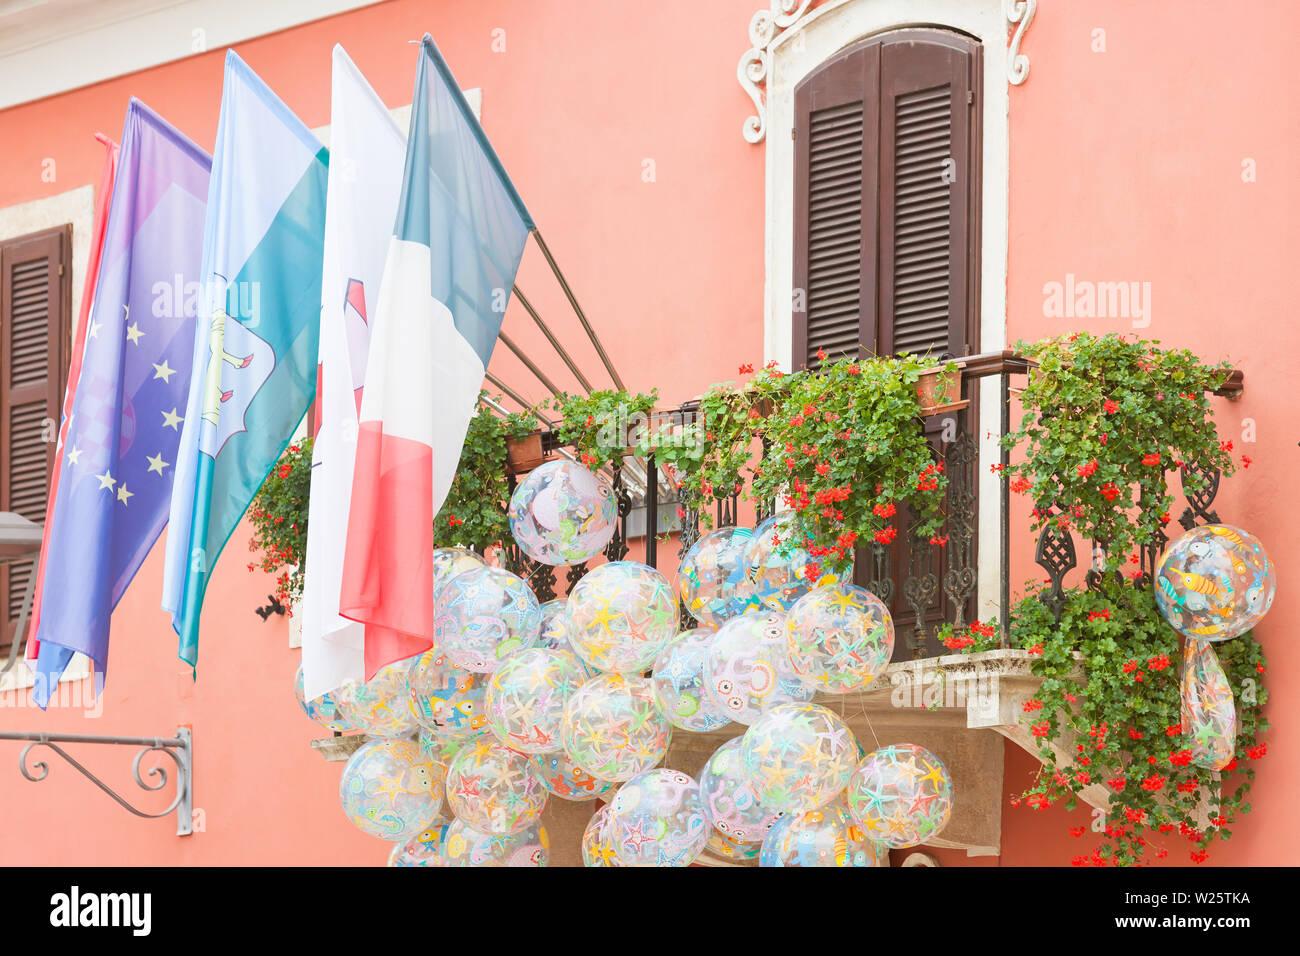 Novigrad, Istrien, Kroatien, Europa - Flaggen und beachballs bei einem malerischen Balkon Stockfoto